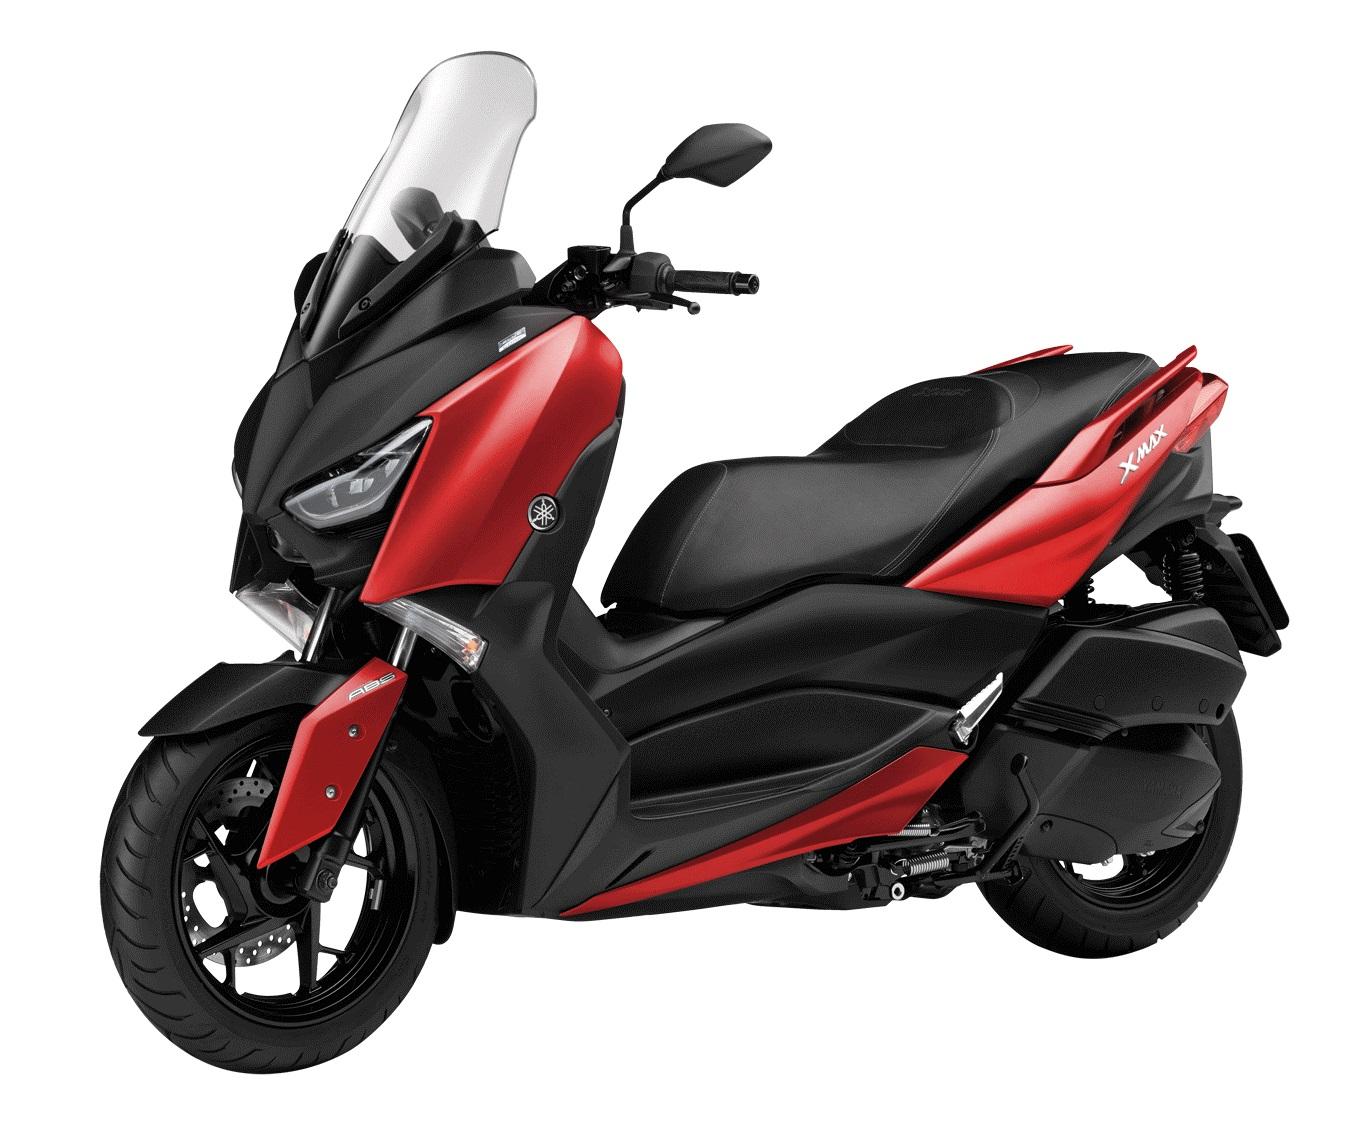 ราคาและตารางผ่อน ดาวน์ Yamaha Xmax 300 2021